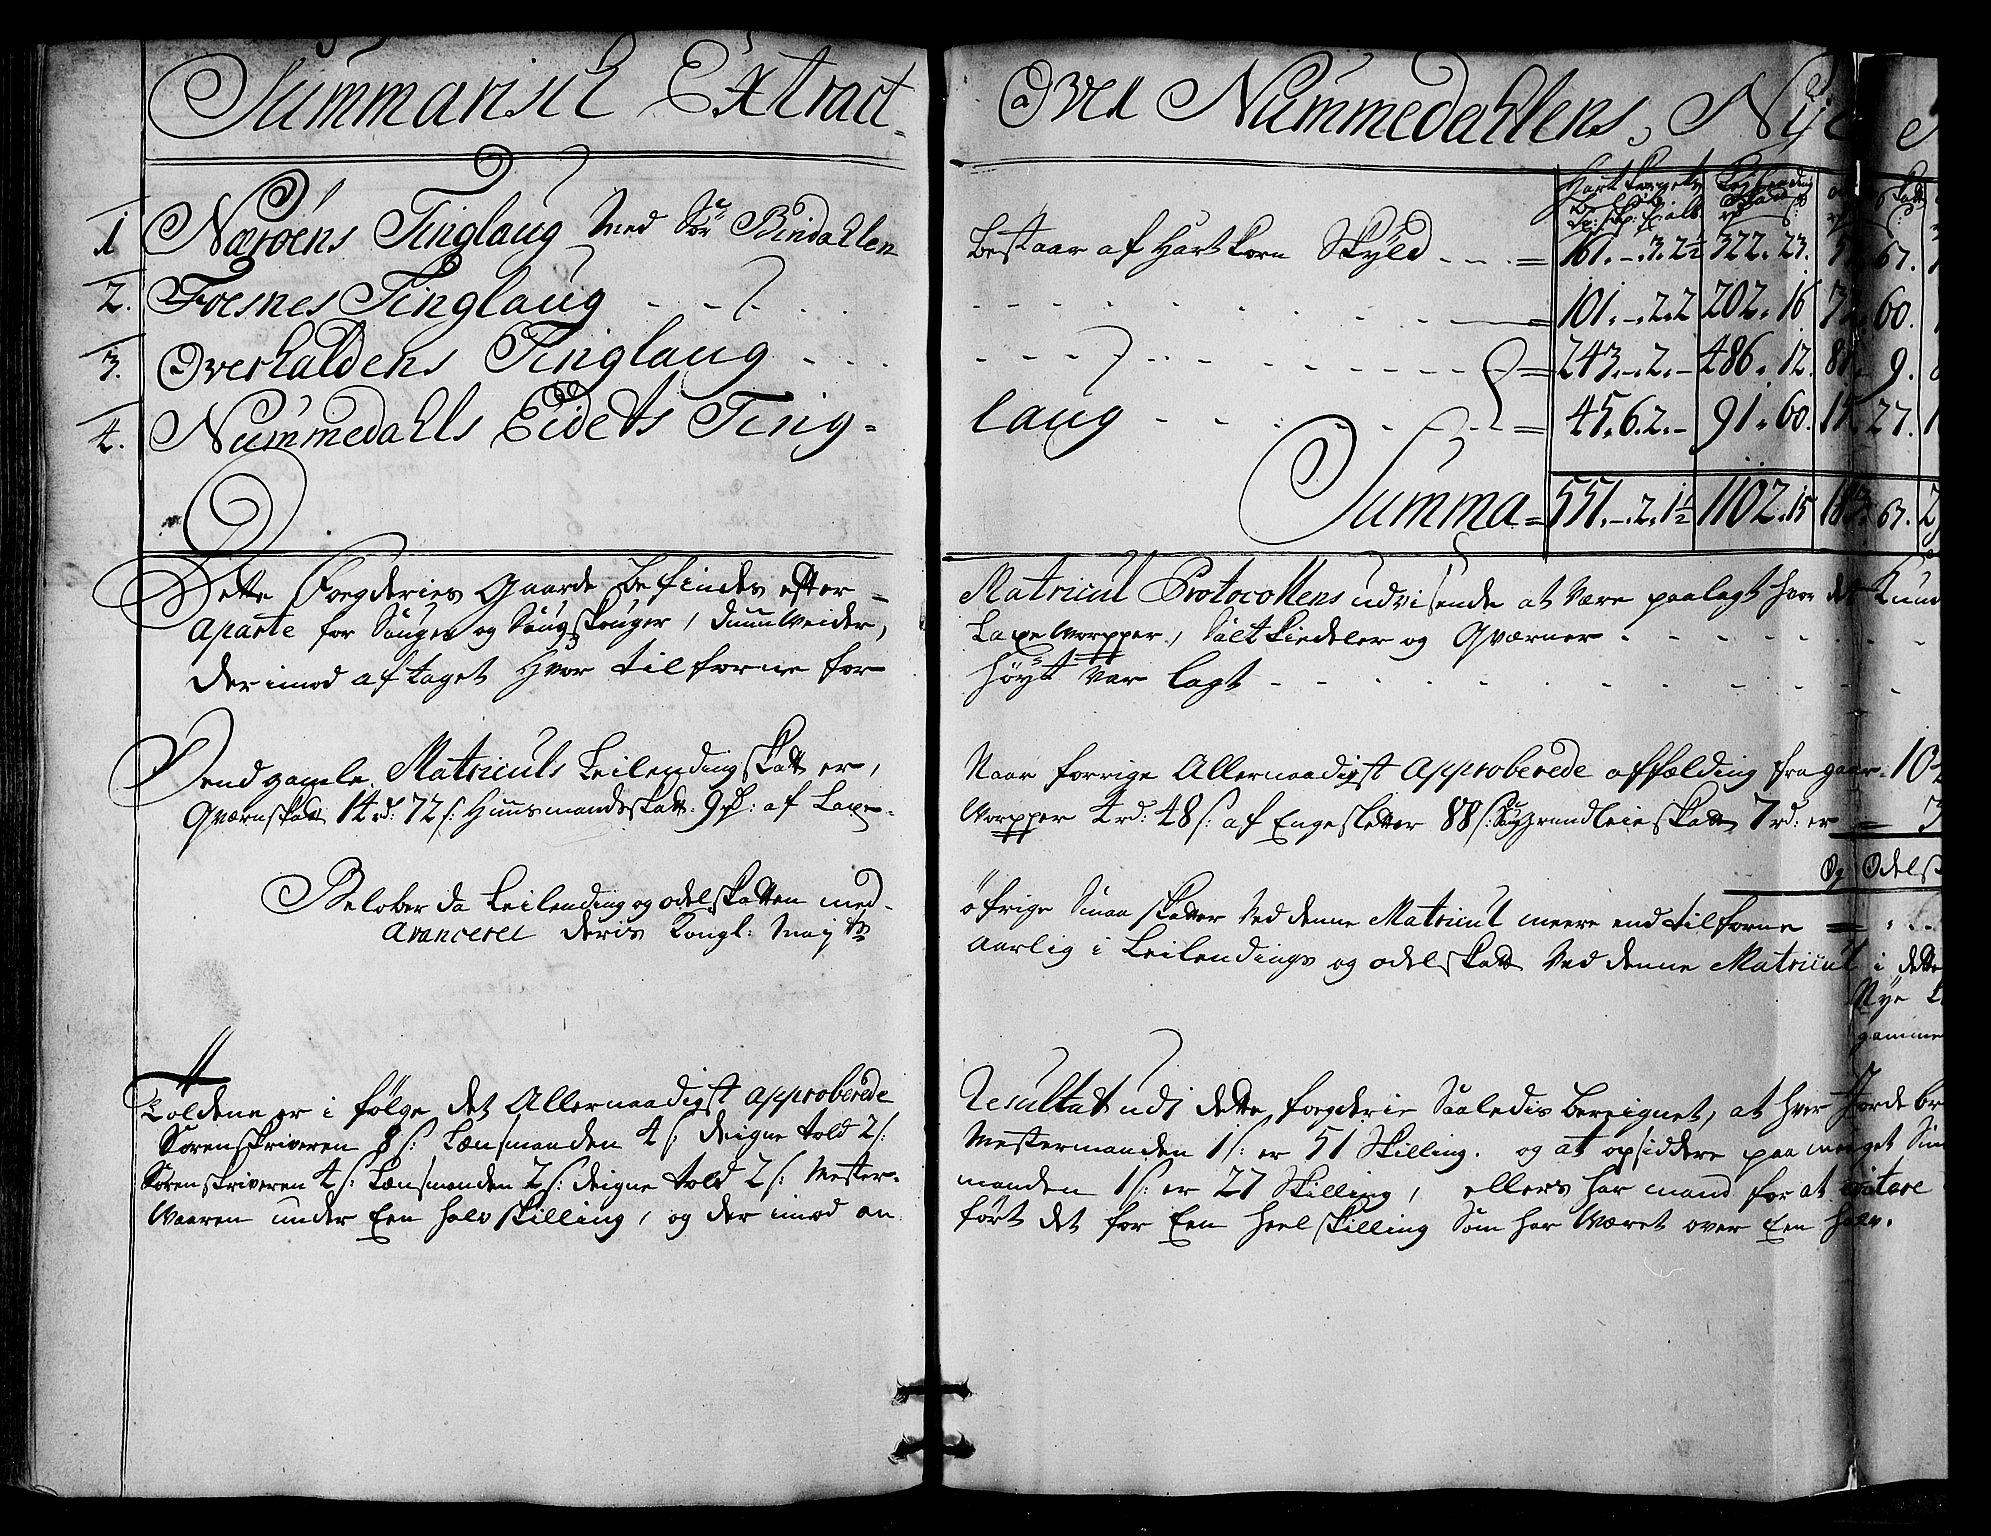 RA, Rentekammeret inntil 1814, Realistisk ordnet avdeling, N/Nb/Nbf/L0169: Namdalen matrikkelprotokoll, 1723, s. 172b-173a